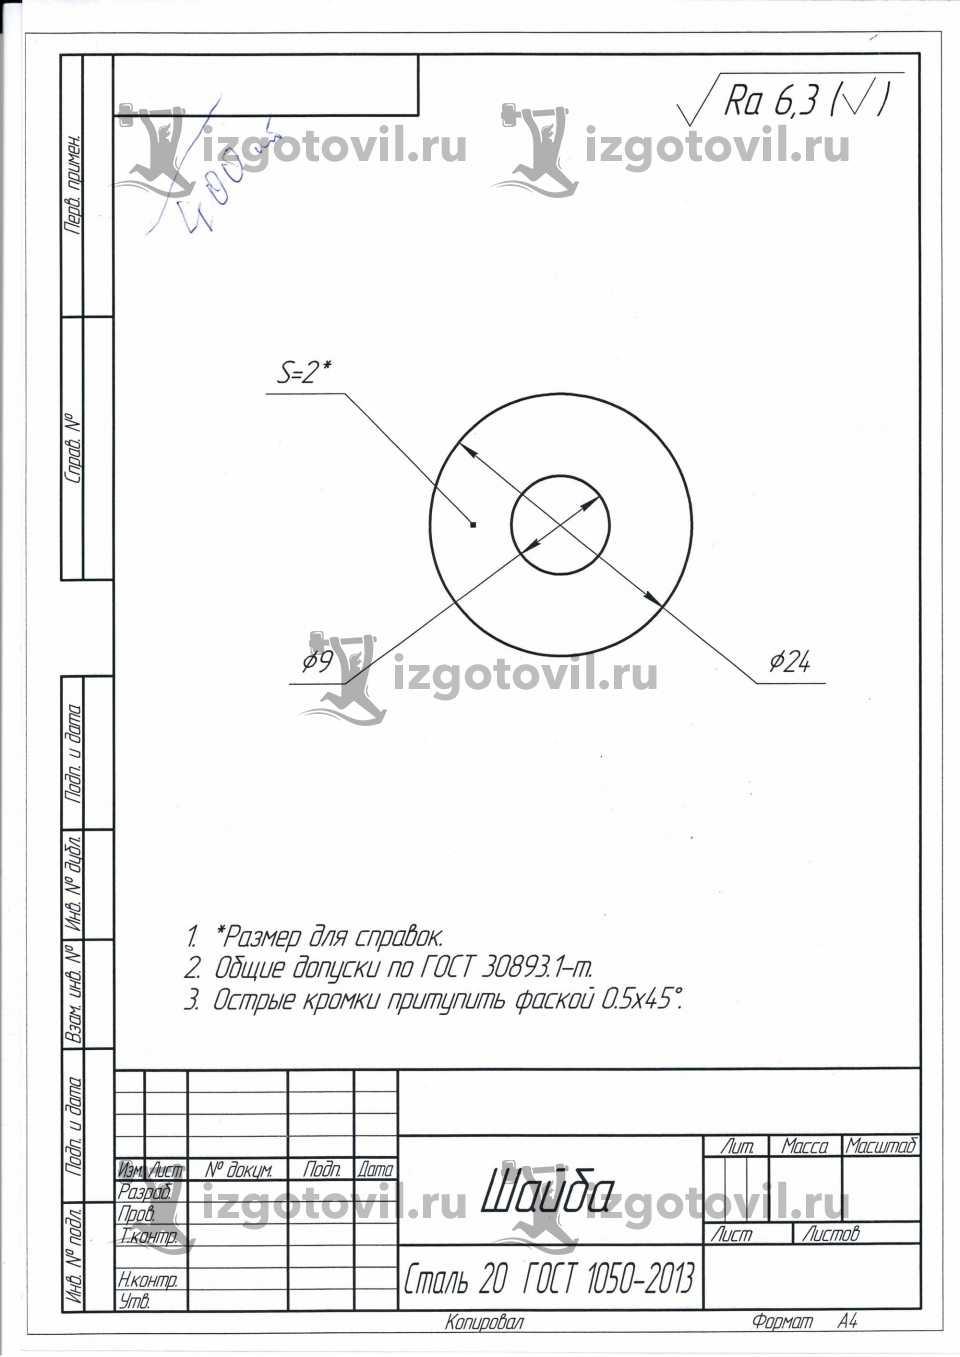 Токарно-фрезерная обработка-изготовление деталей